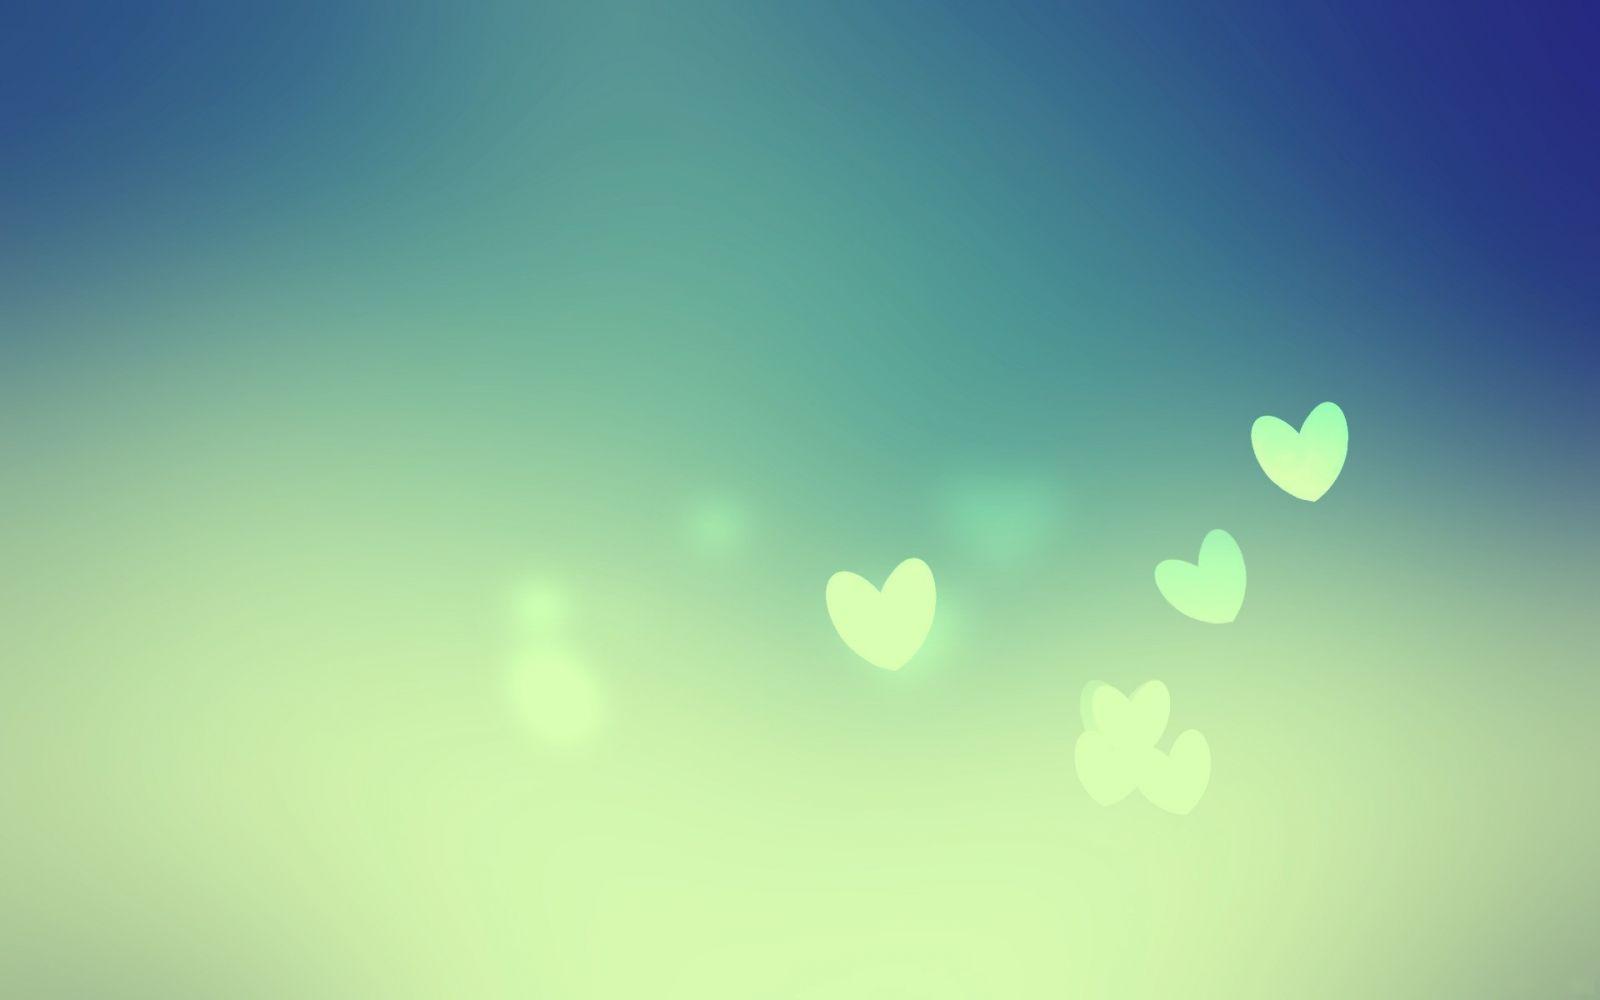 Hình nền đẹp trái tim màu xanh